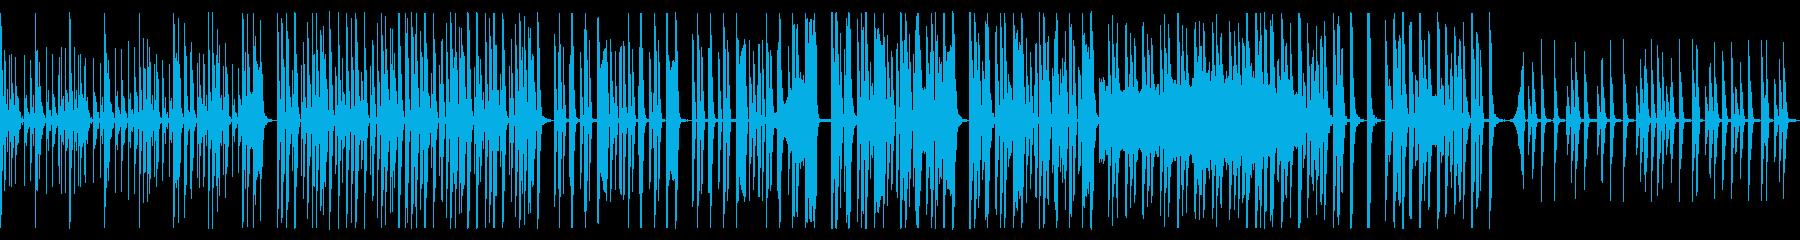 シンプルで音数の少ない変なテクノの再生済みの波形